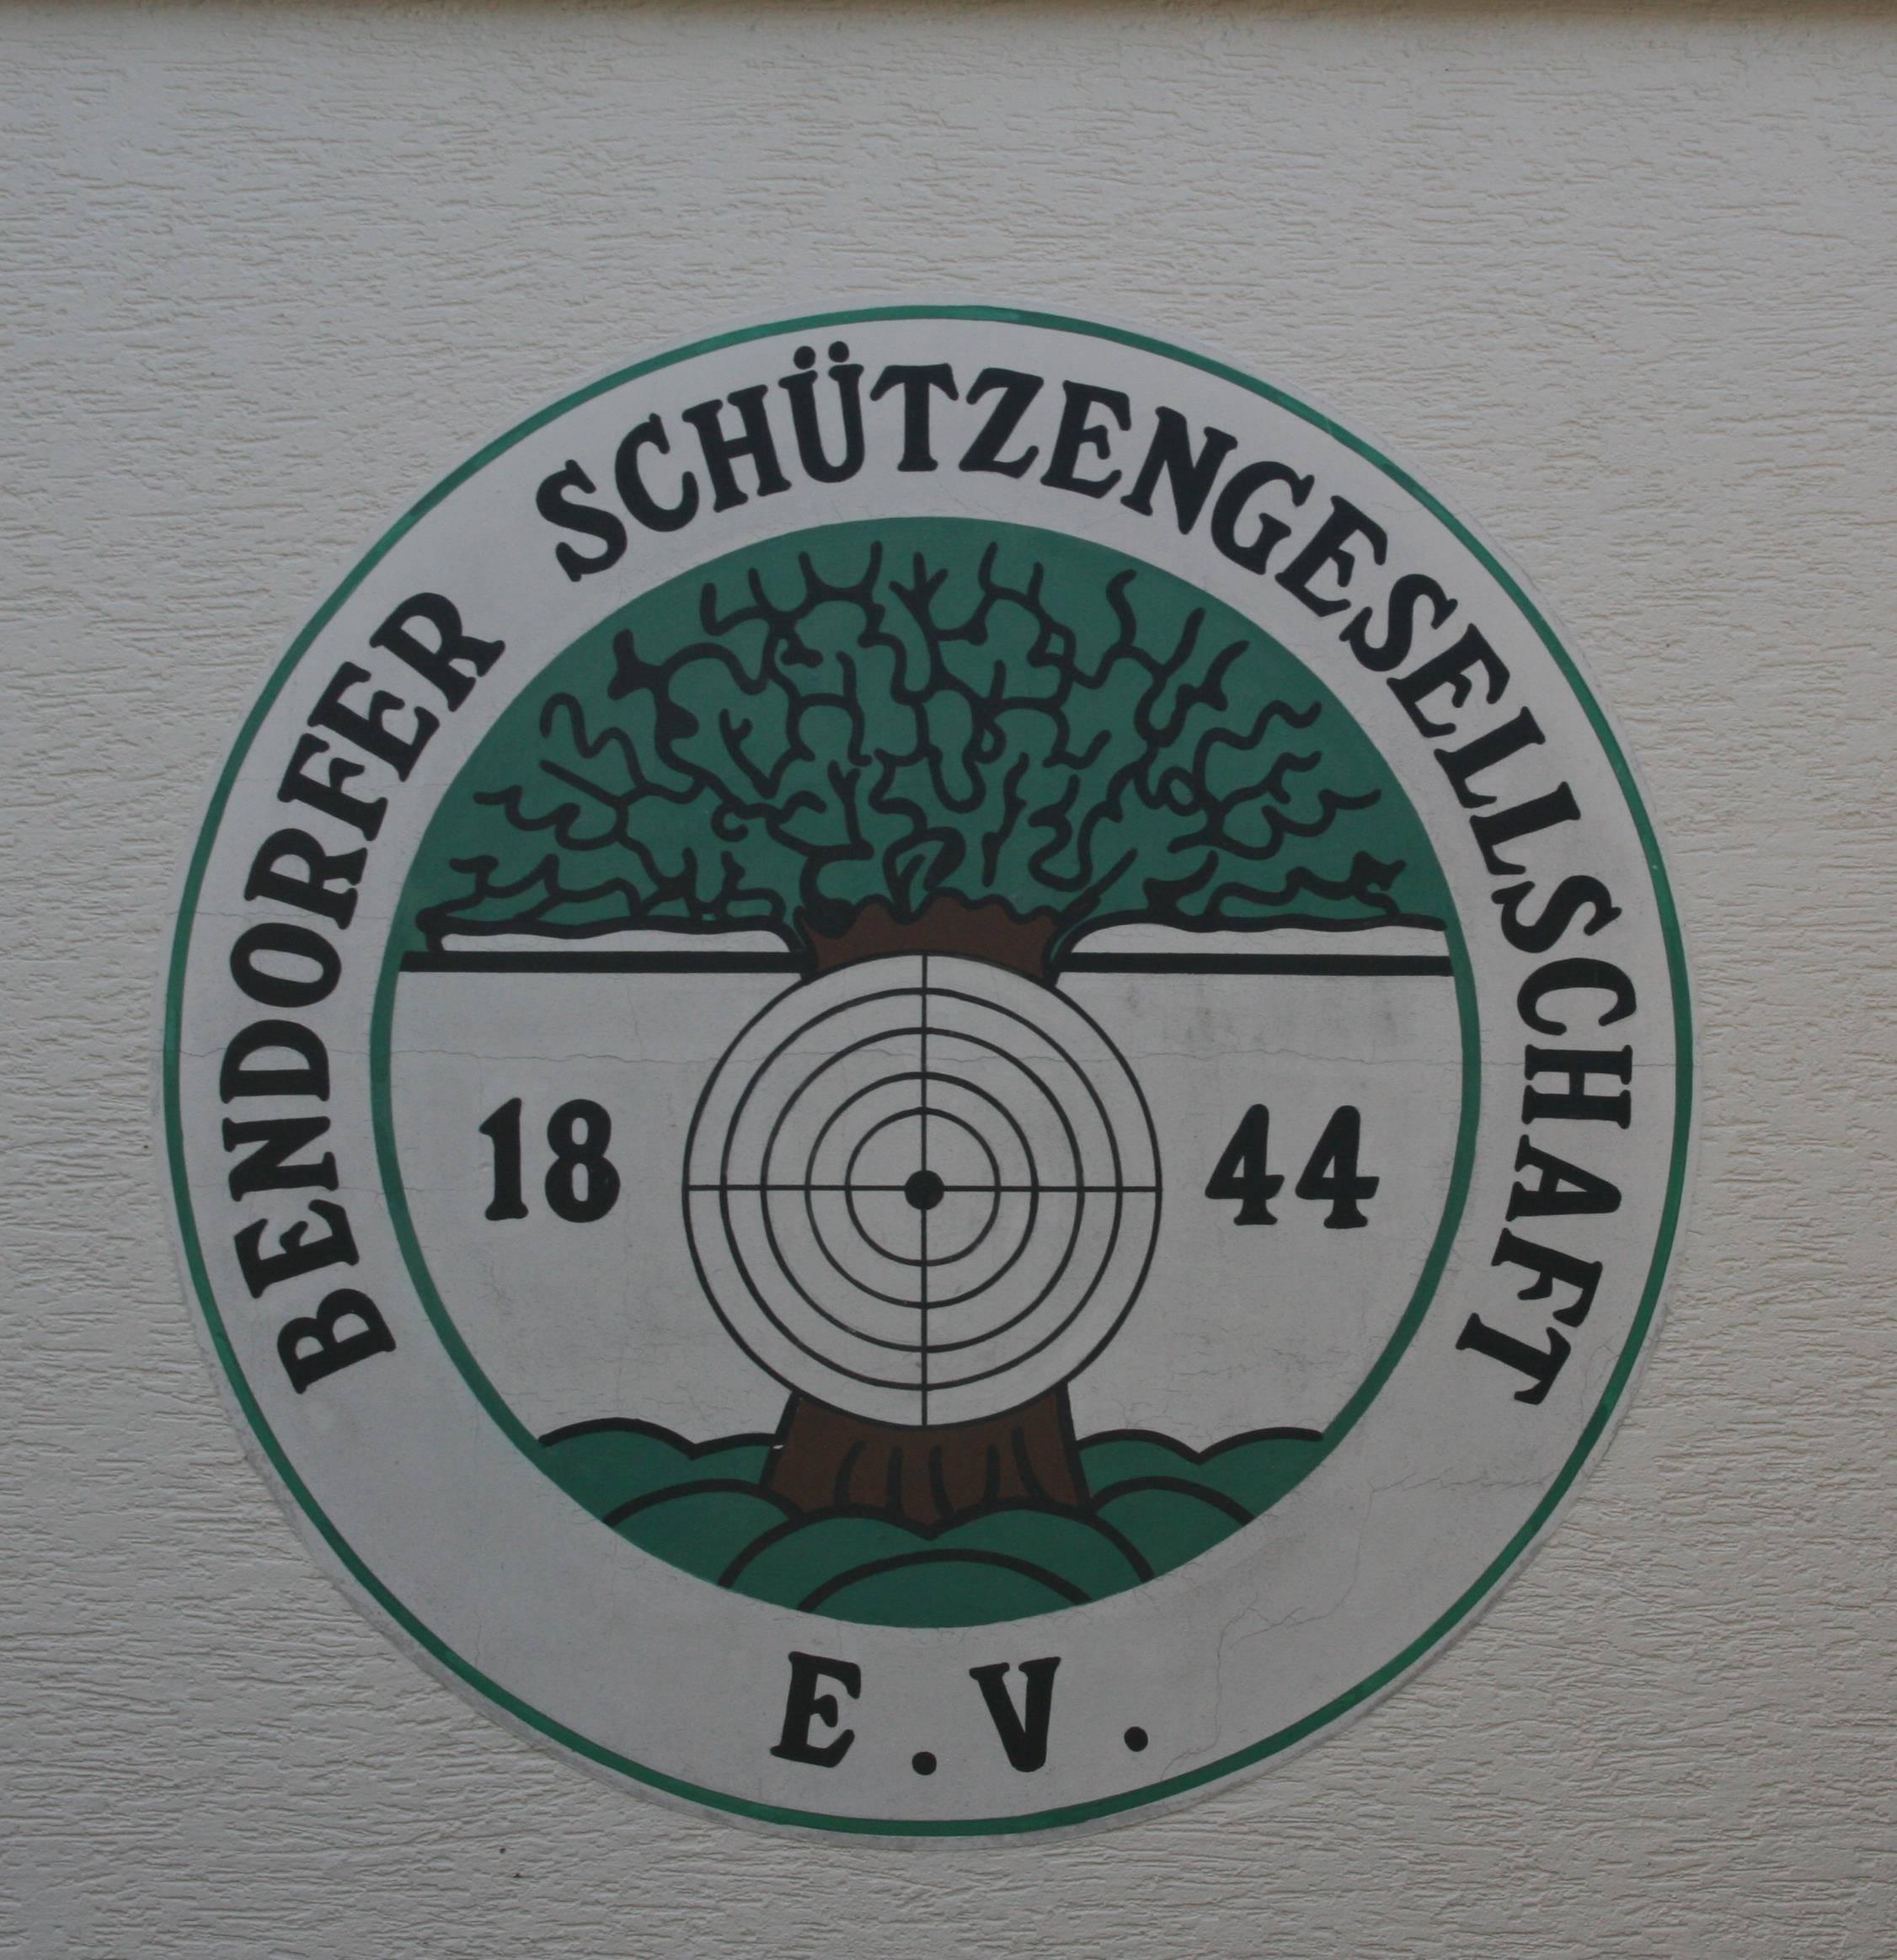 Bendorfer Schützengesellschaft 1844 e.V.